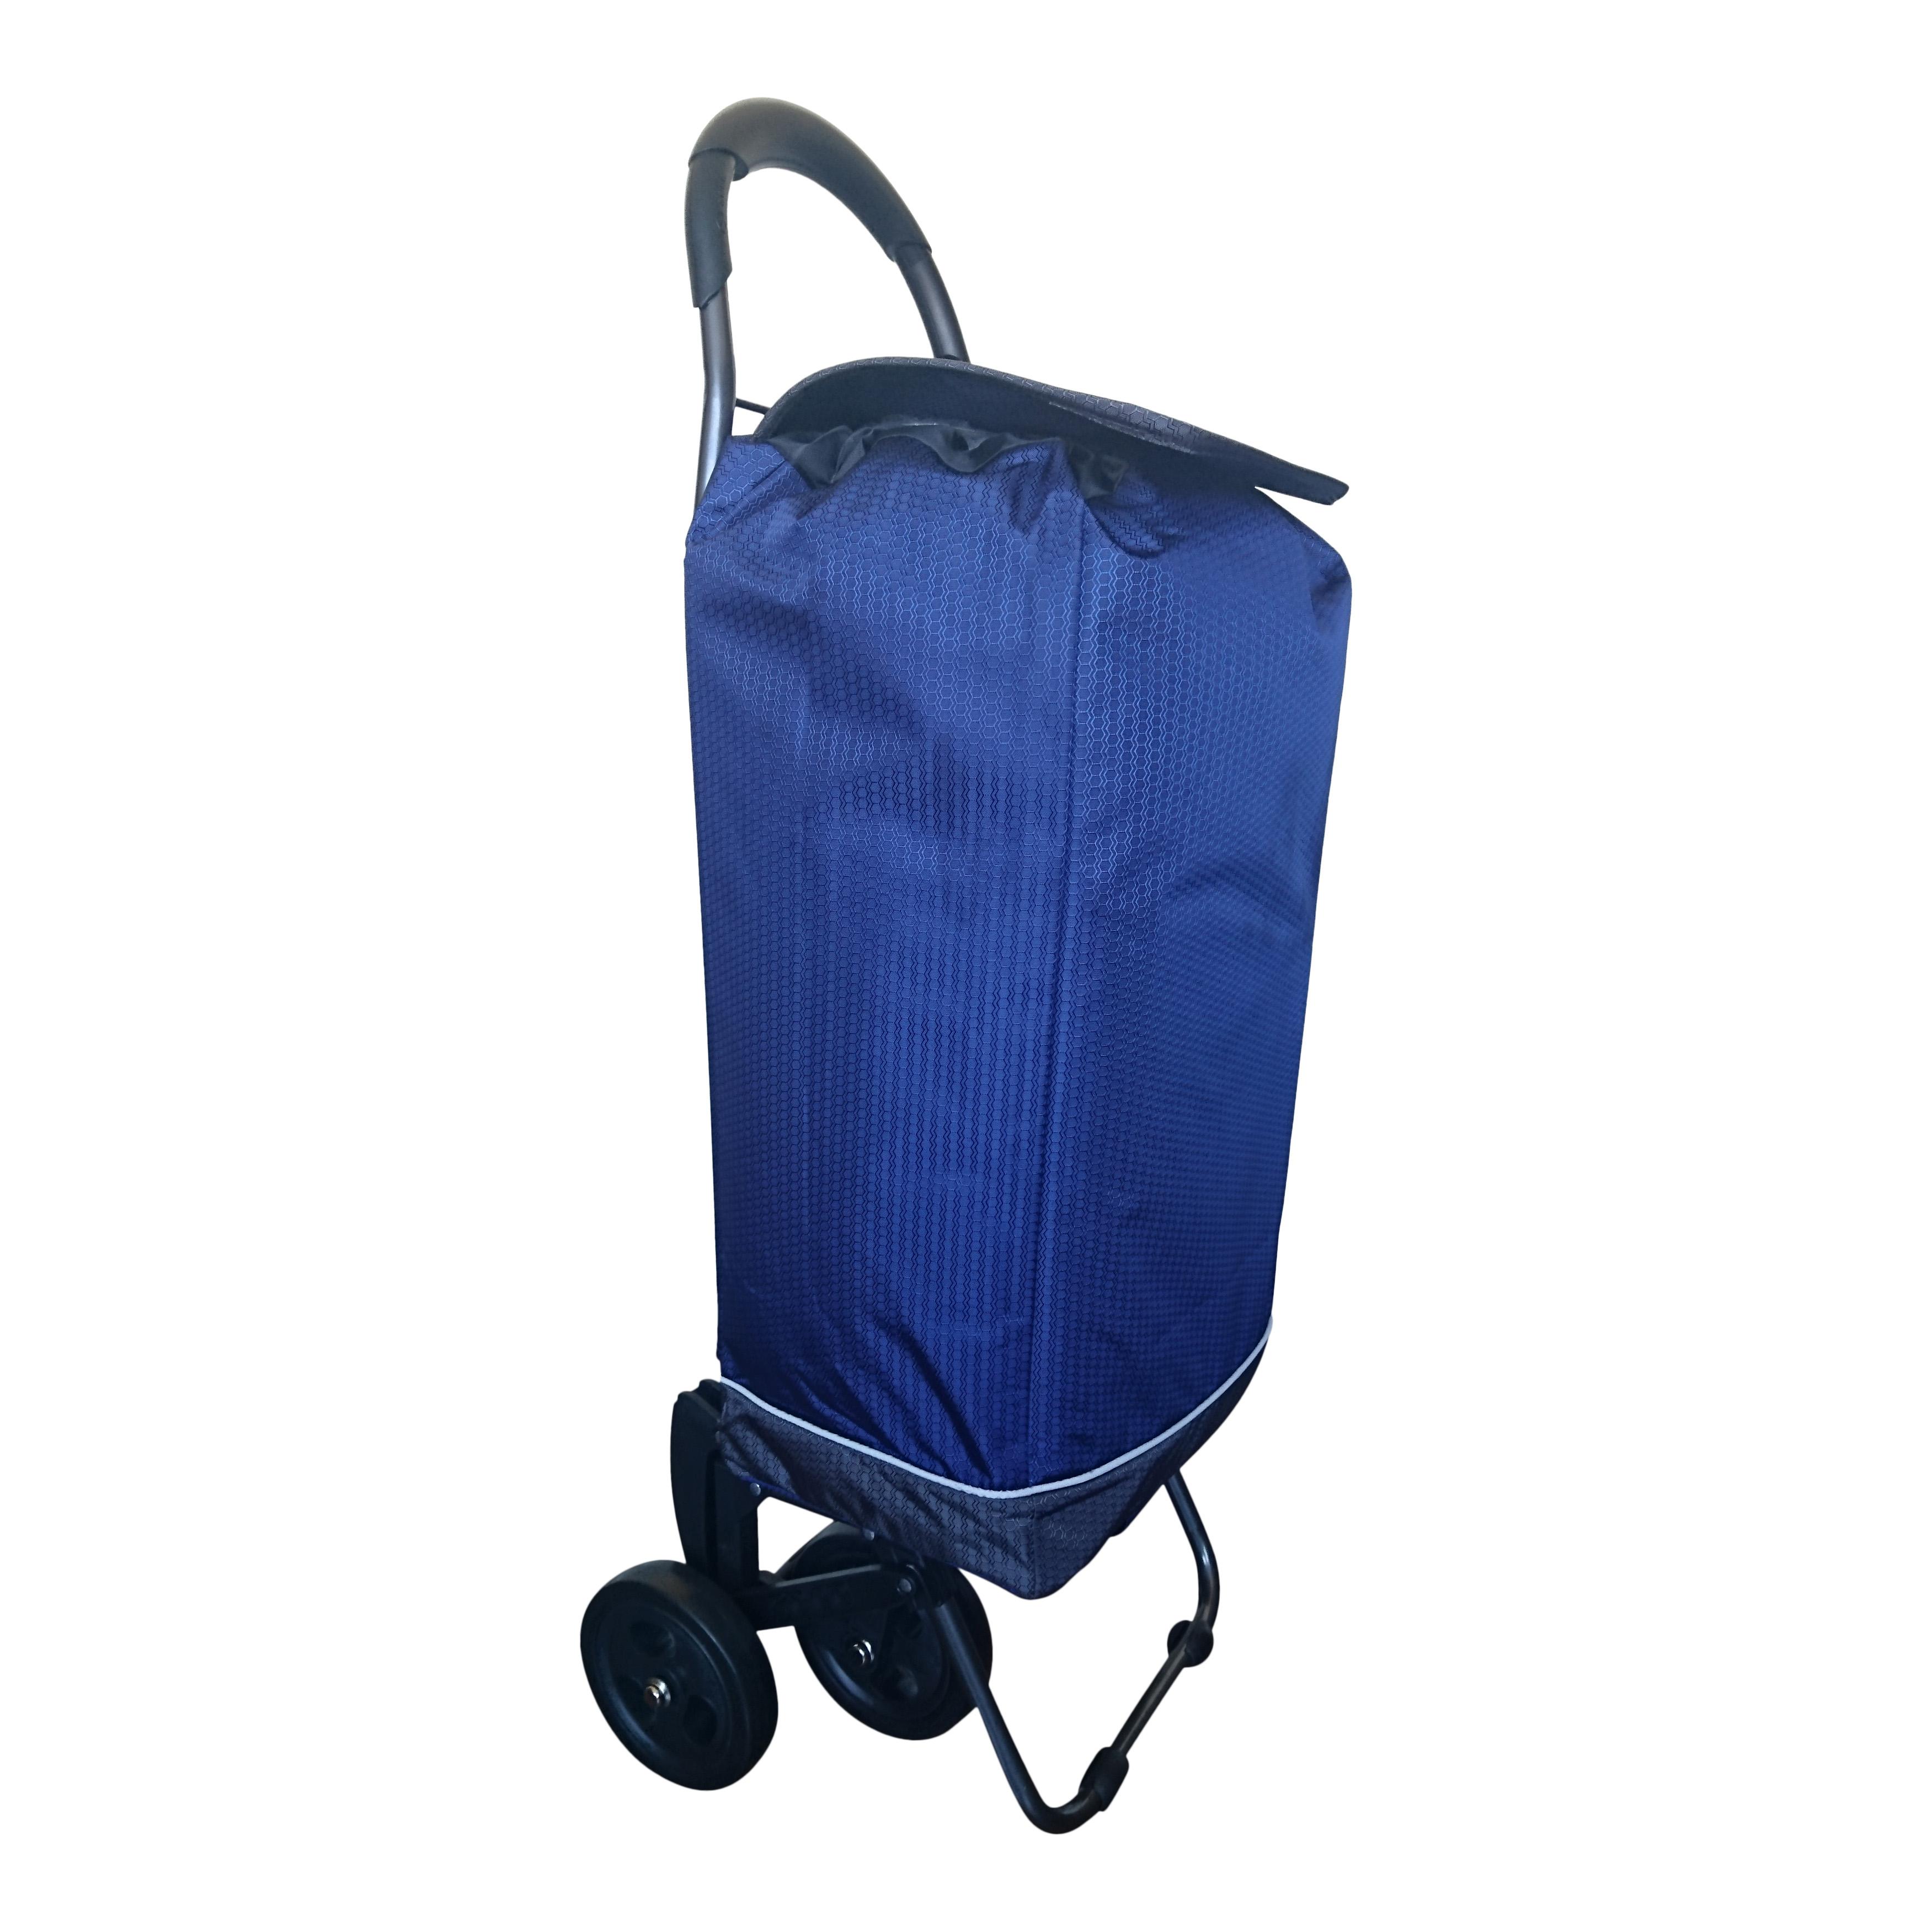 2Mobility 4-wiel Boodschappenwagen Blauw